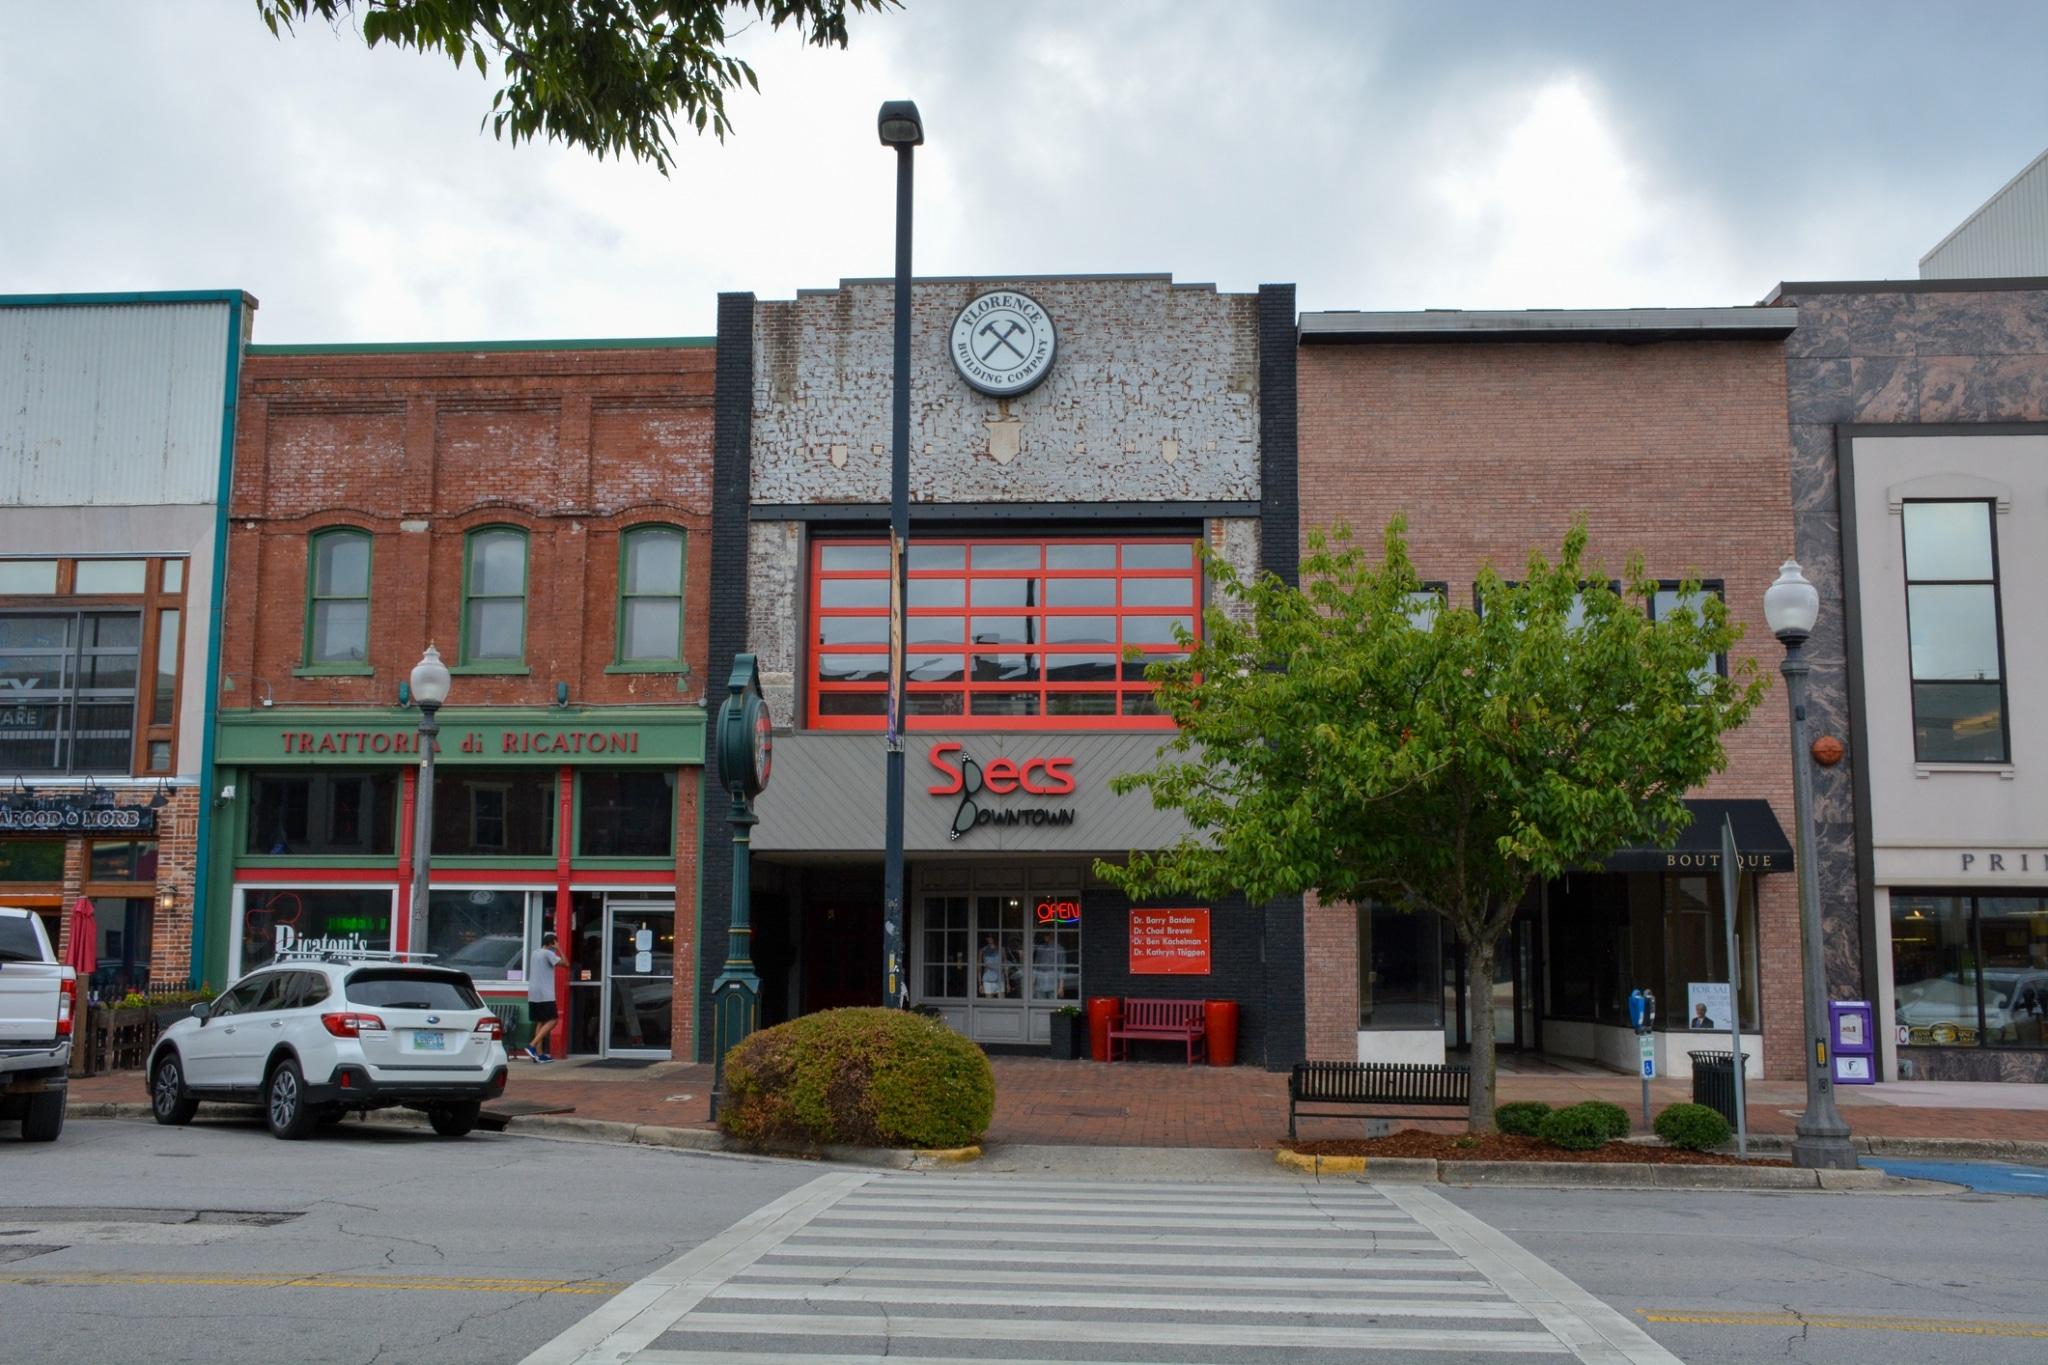 Downtown Florence Alabama